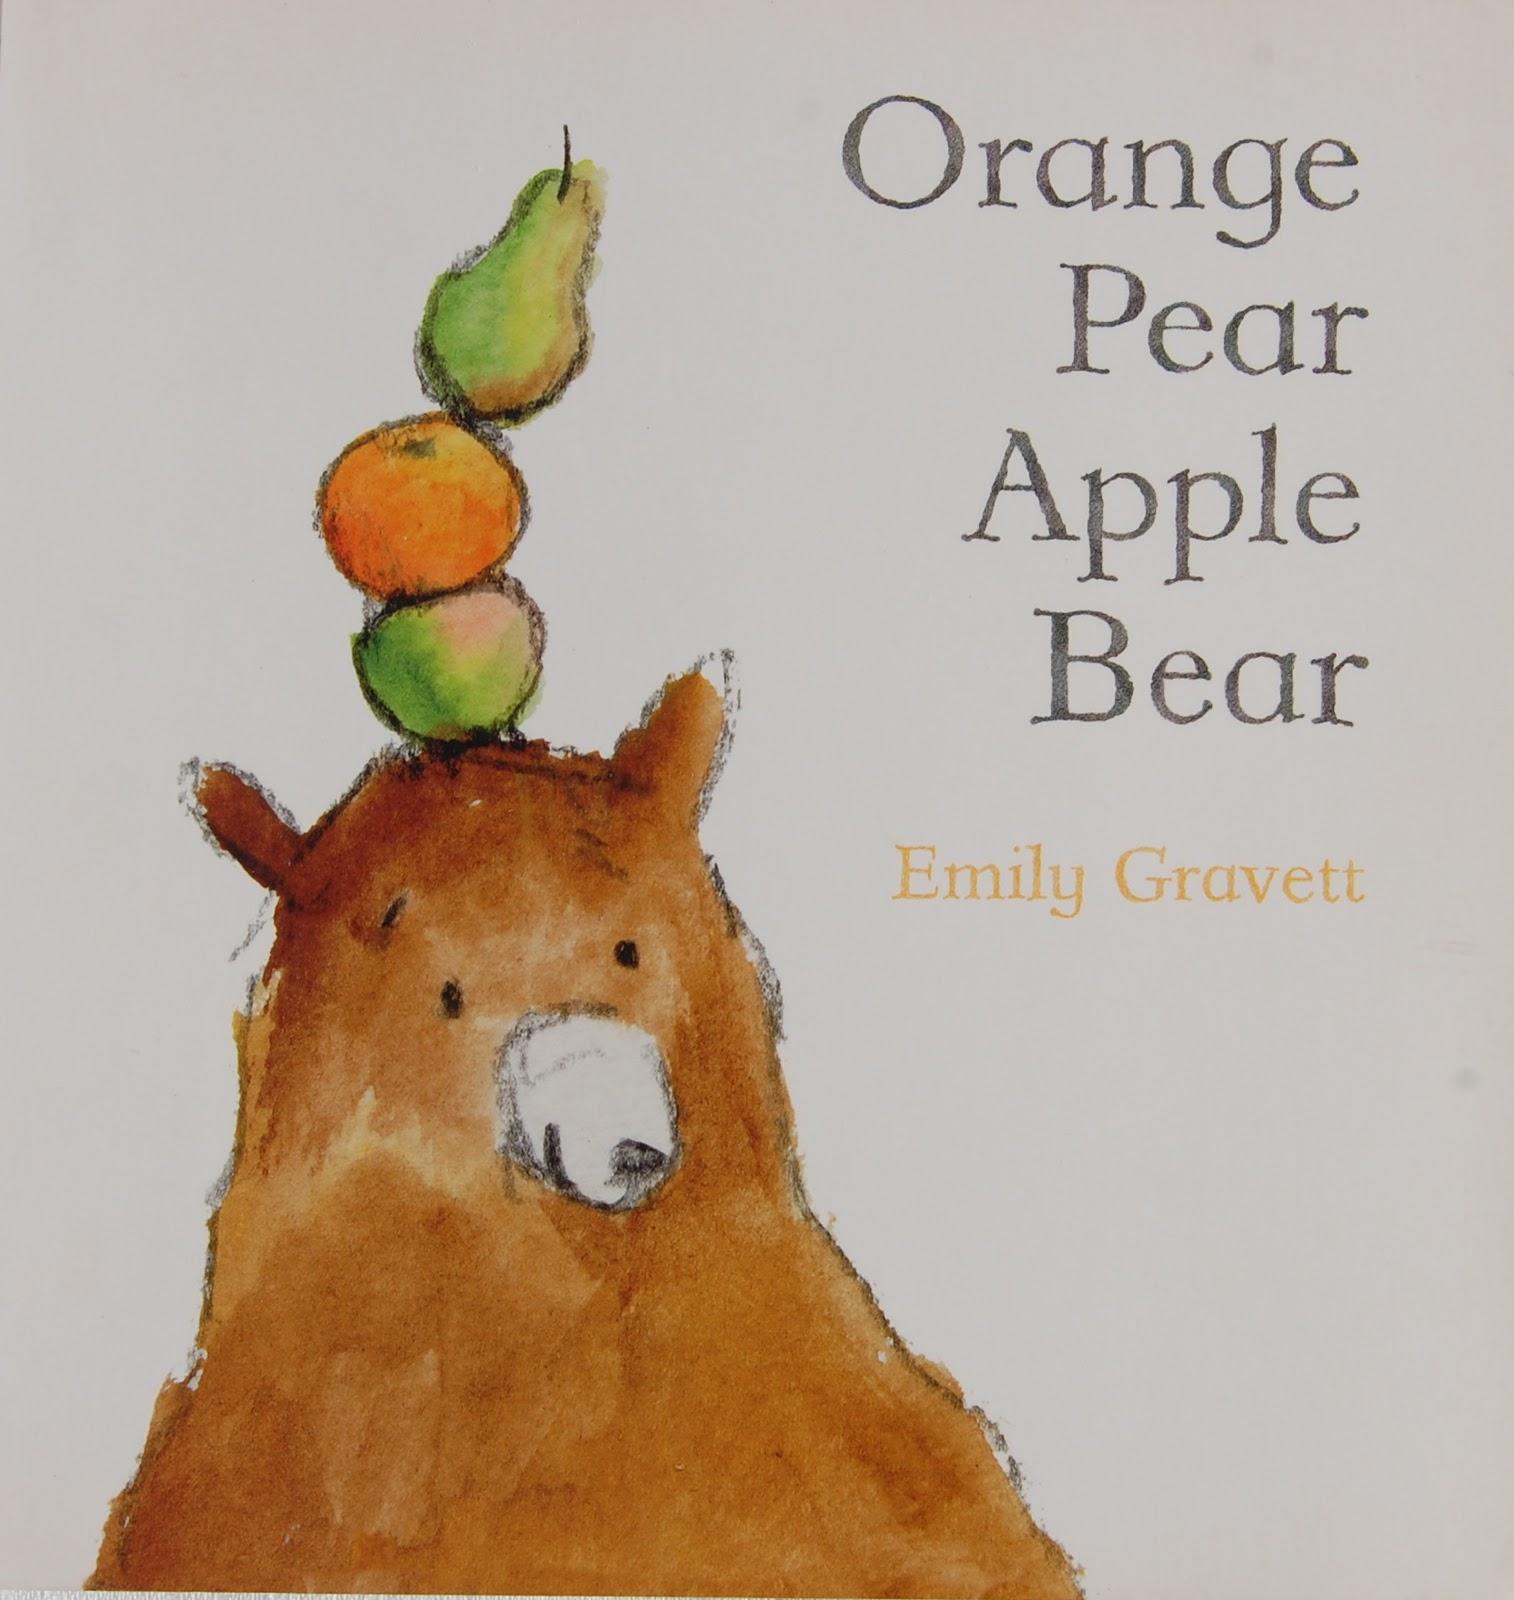 orange pear apple bear gravett emily gravett emily